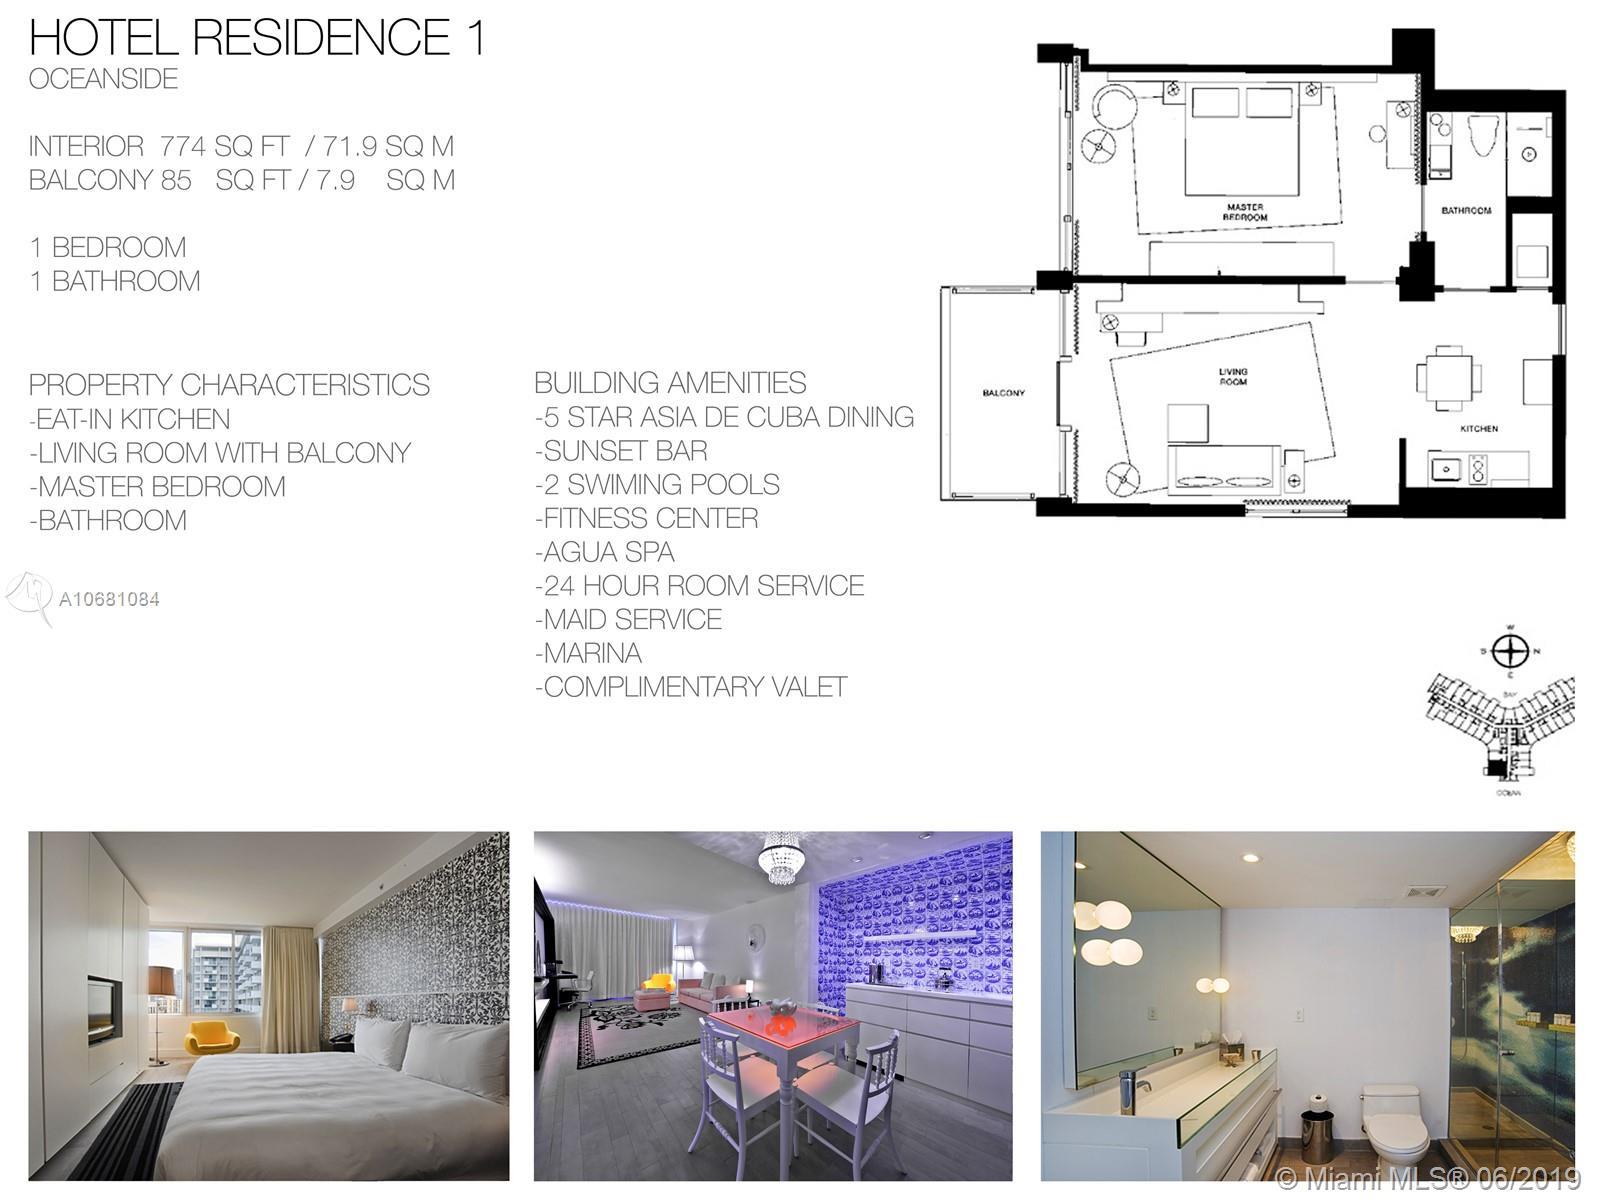 Mondrian South Beach #714 - 1100 West Ave #714, Miami Beach, FL 33139